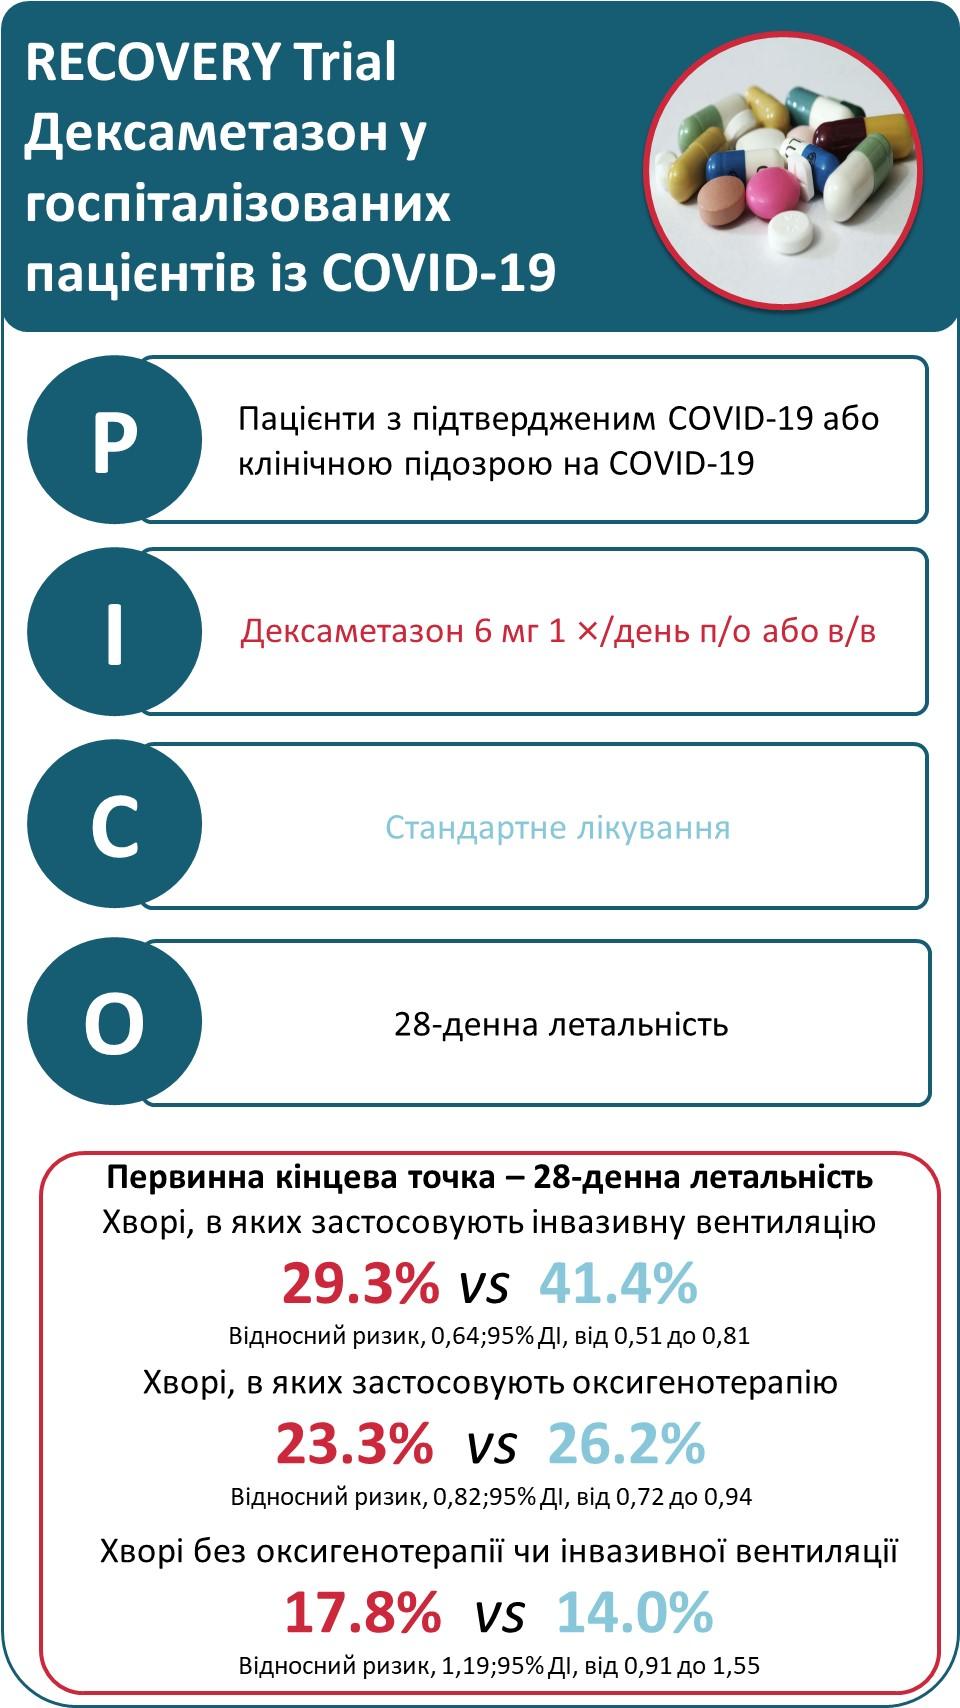 Дексаметазон угоспіталізованих пацієнтів із COVID-19